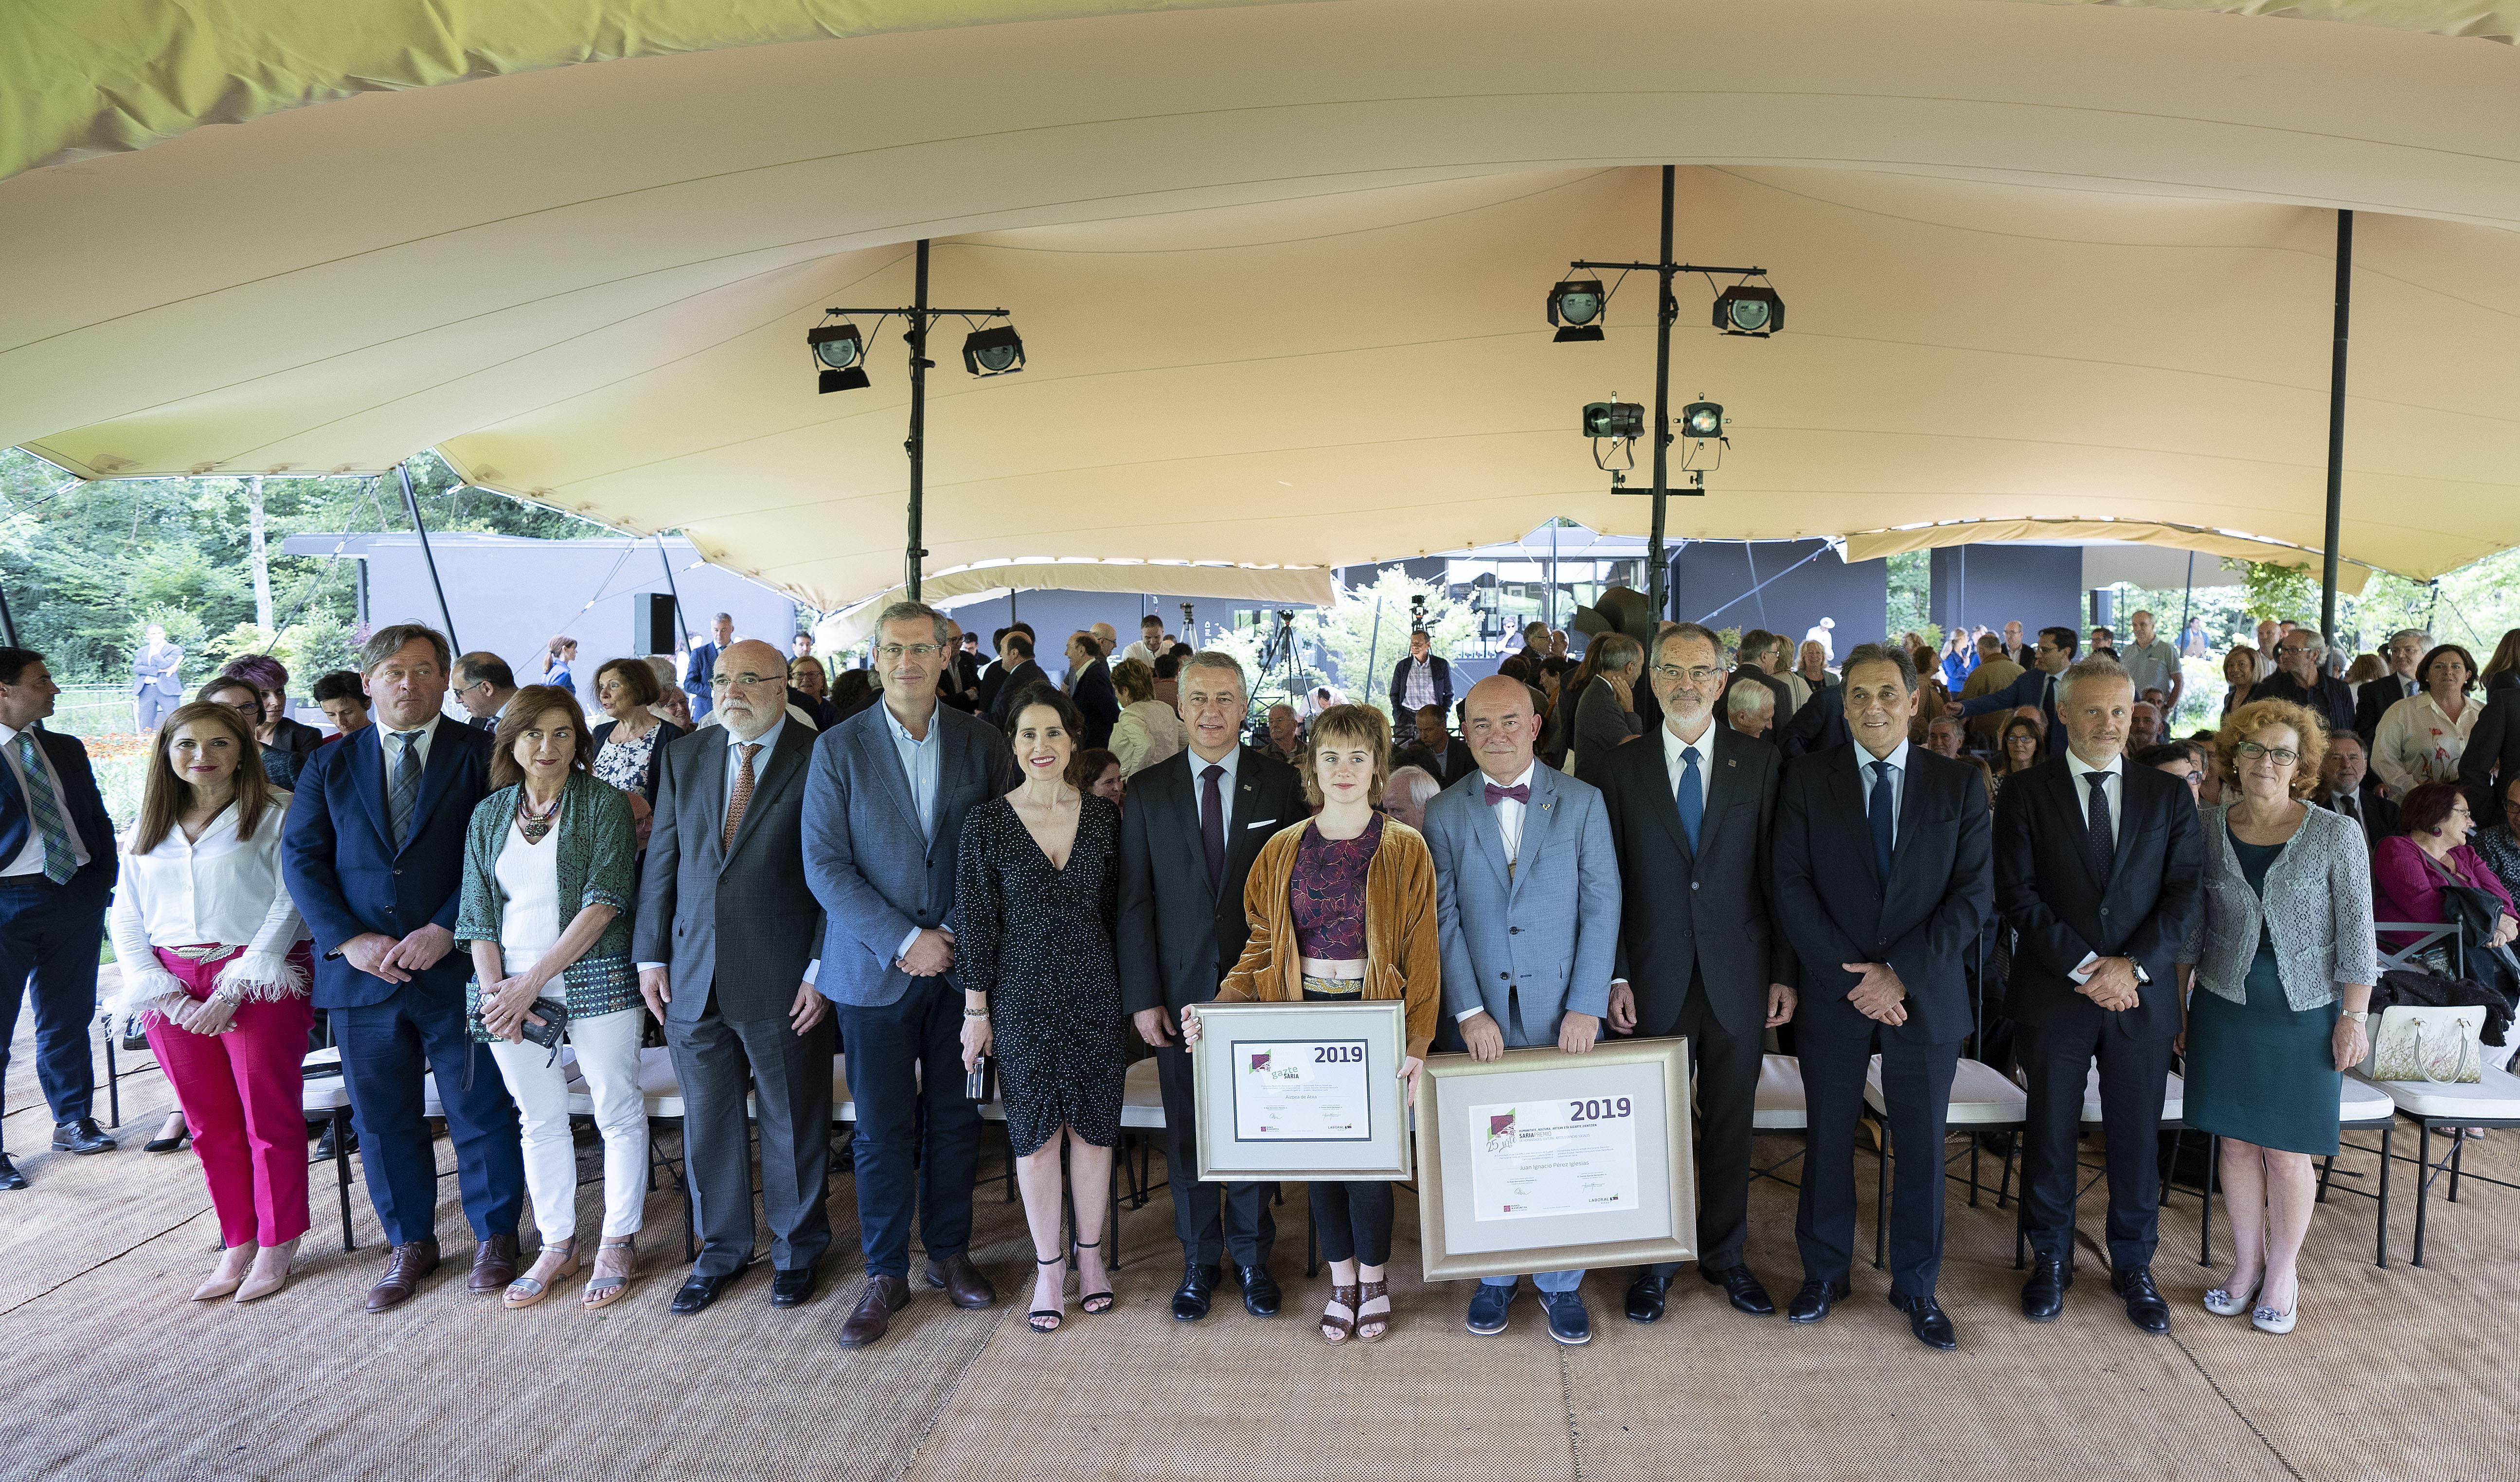 Lehendakariak Eusko Ikaskuntza-Laboral Kutxa Saria irabazi duten Juan Ignacio Pérezen eta Aizpea de Atxaren lana aitortu du